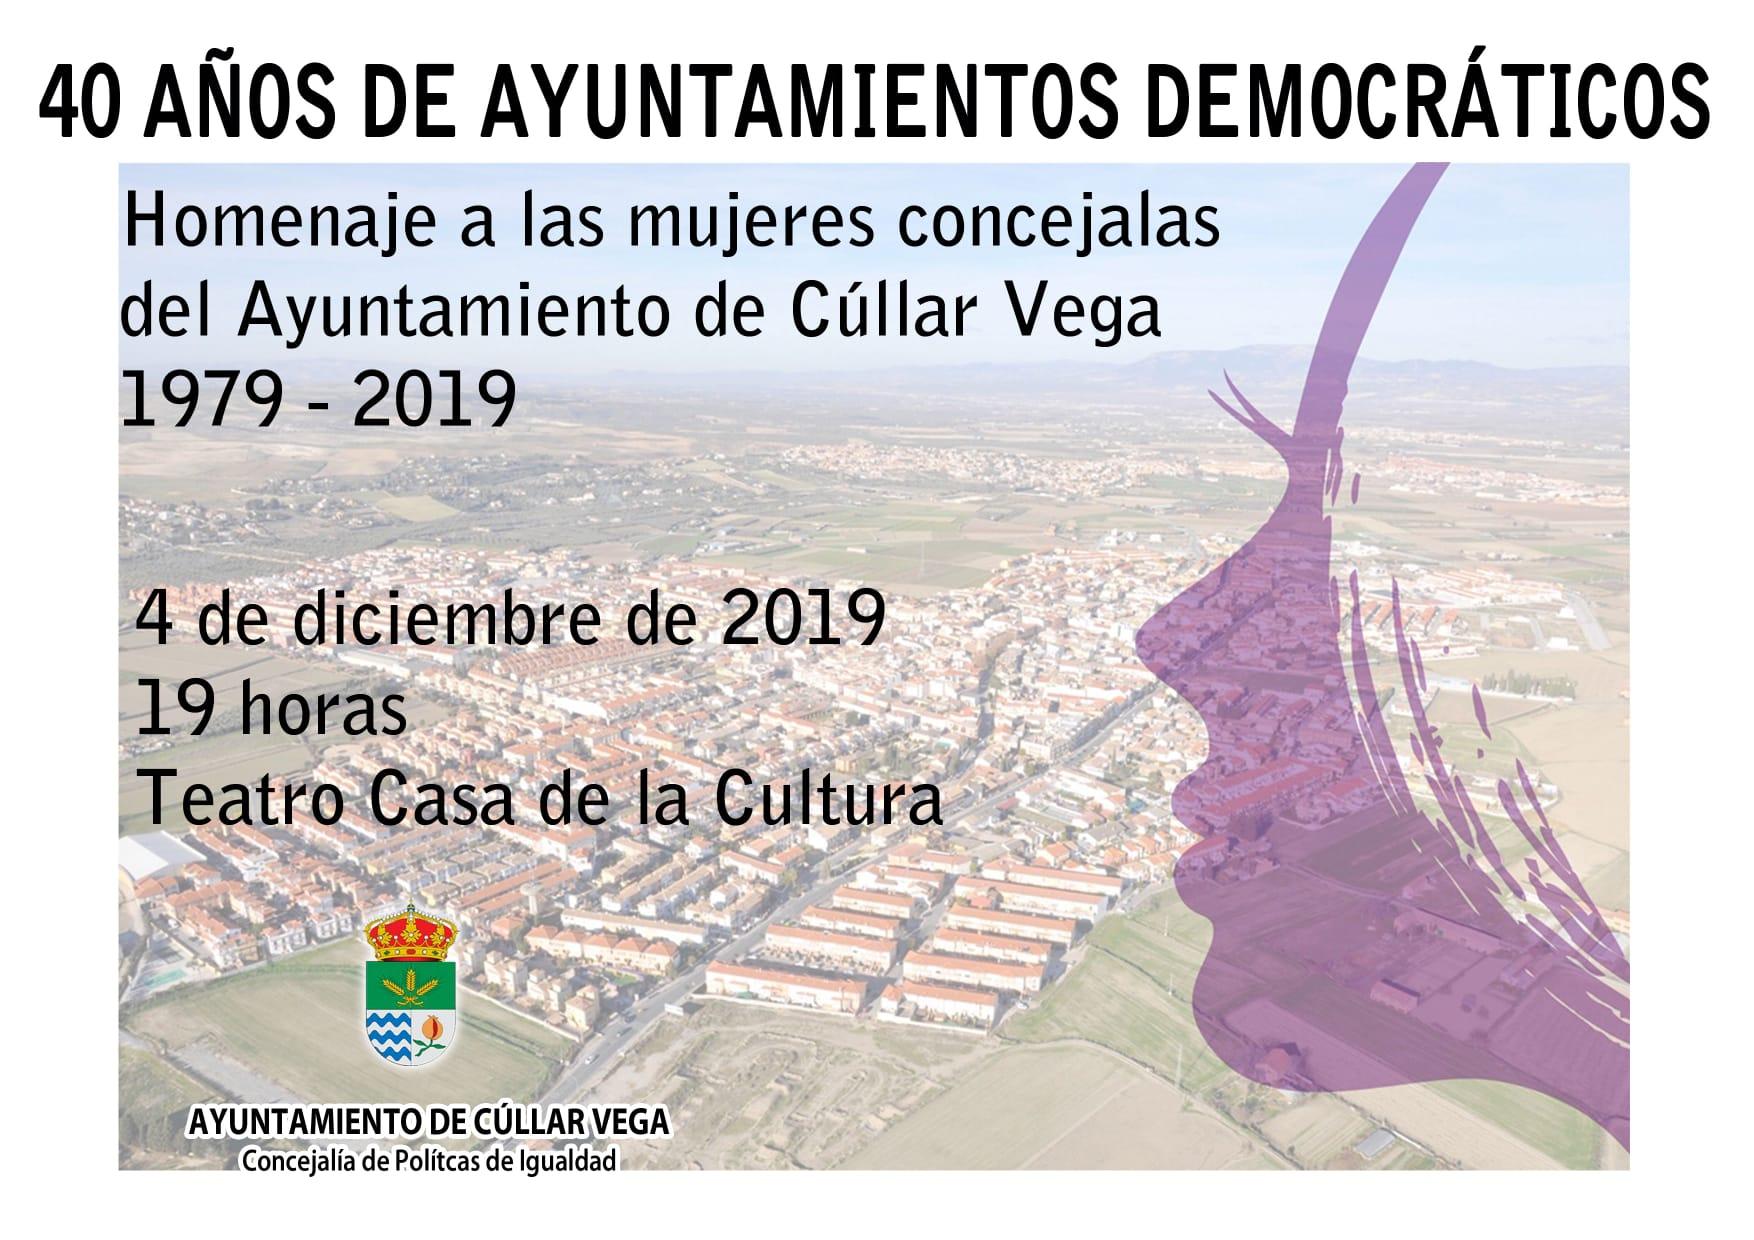 Homenaje a las mujeres concejales del Ayuntamiento de Cúllar Vega 1979-2019